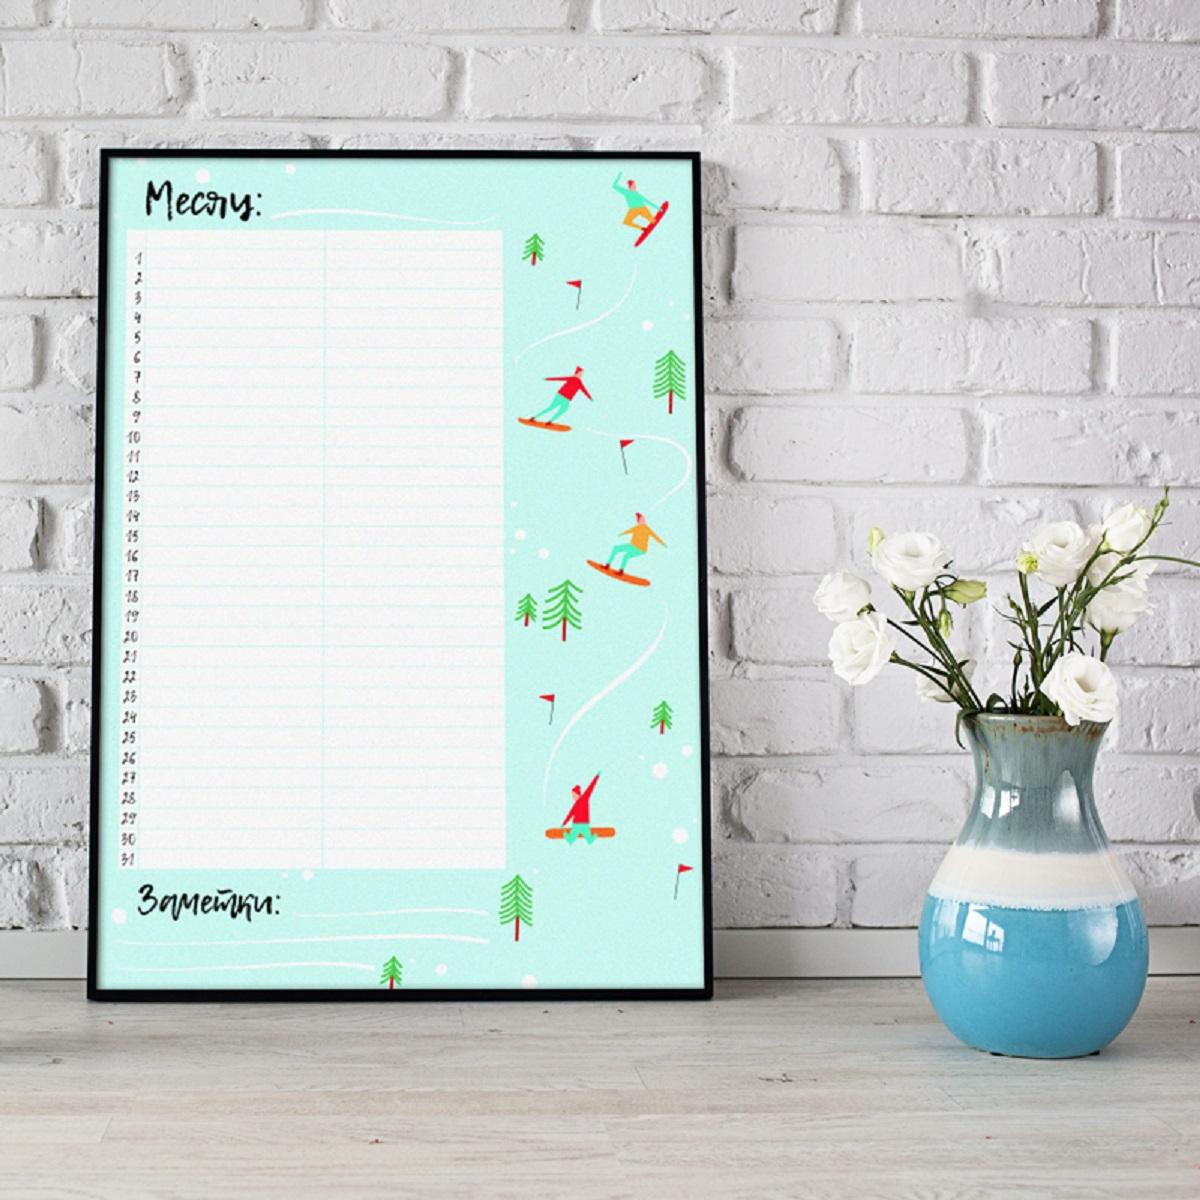 Удобно для формирования кратких планов или напоминаний на месяц; освобождает вашу память; легко вписать и удалить информацию; дисциплинирует вас и ваших детей